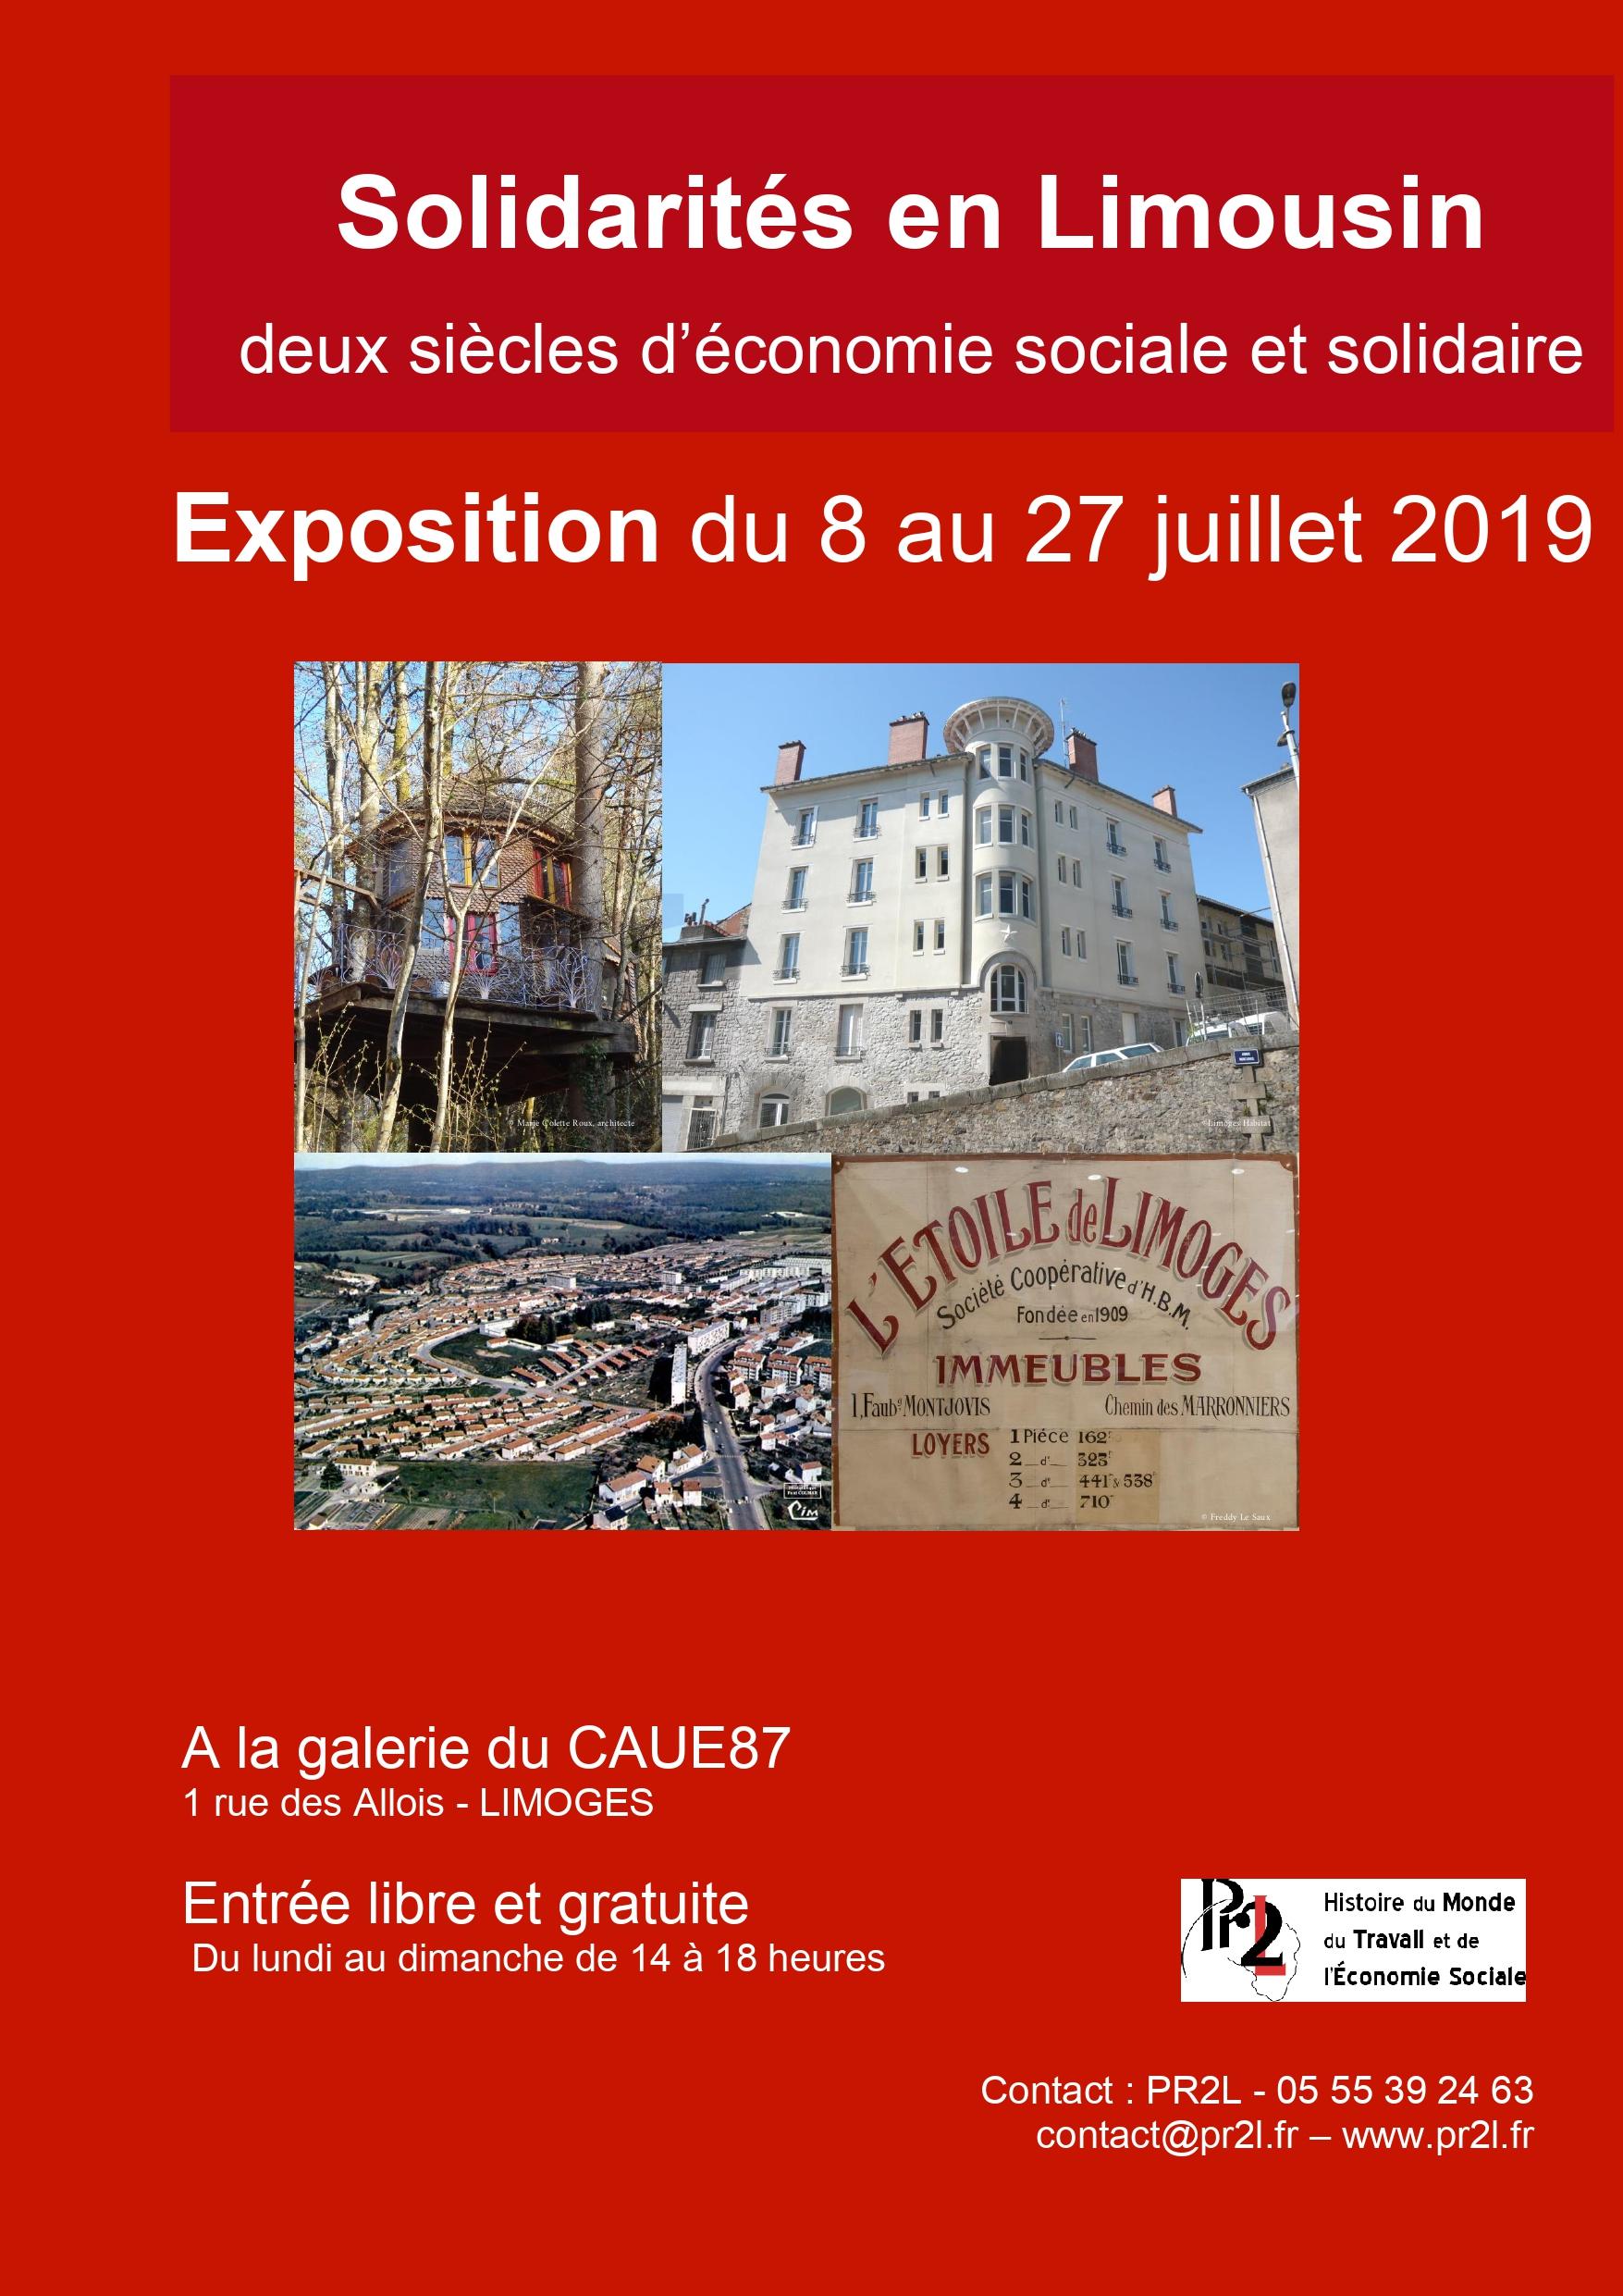 Limoges : Solidarités en Limousin, deux siècles d'économie sociale et solidaire